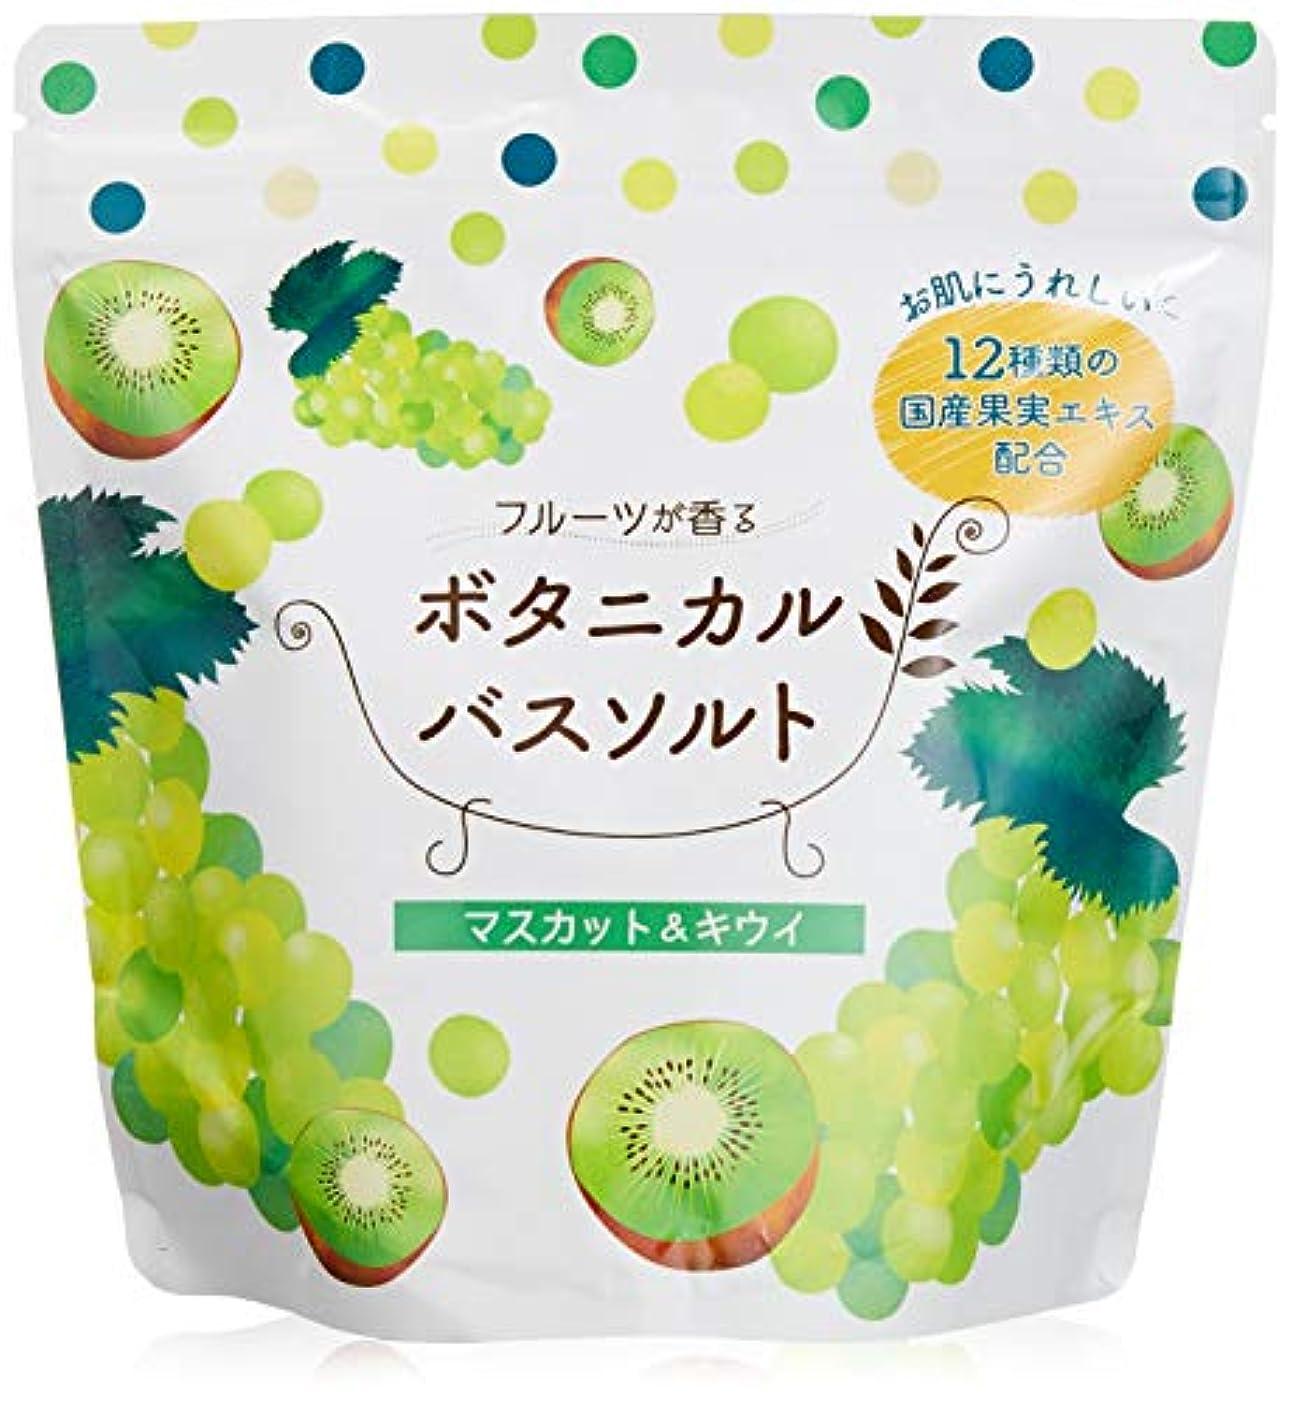 受け入れる遠い確かな松田医薬品 フルーツが香るボタニカルバスソルト 入浴剤 マスカット キウイ 450g